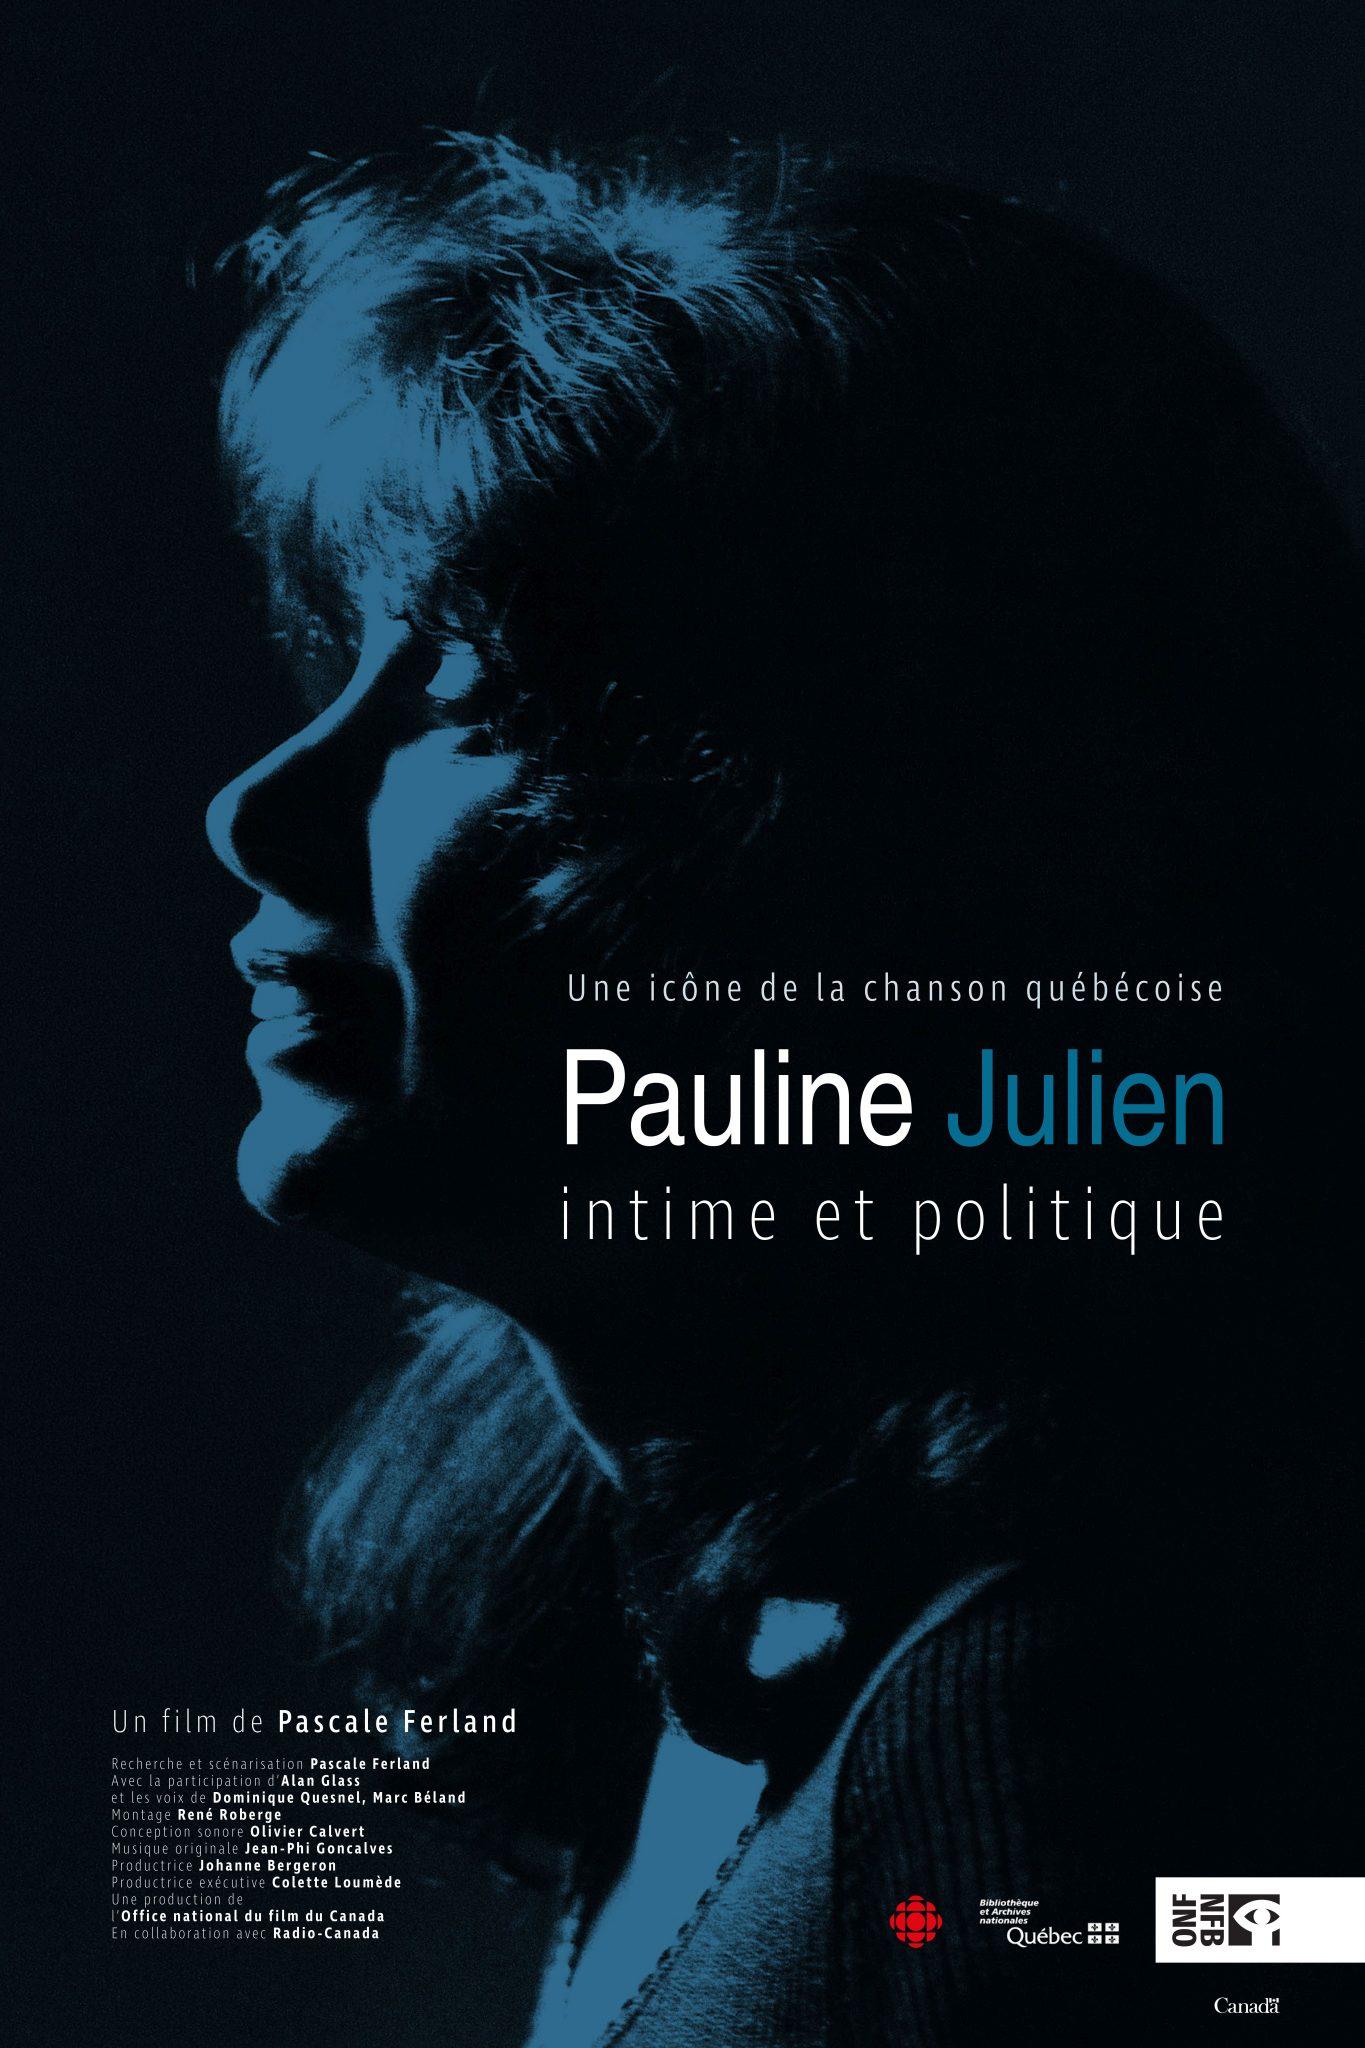 Pauline Julien, intime et politique offert gratuitement en ligne dès le 6 novembre